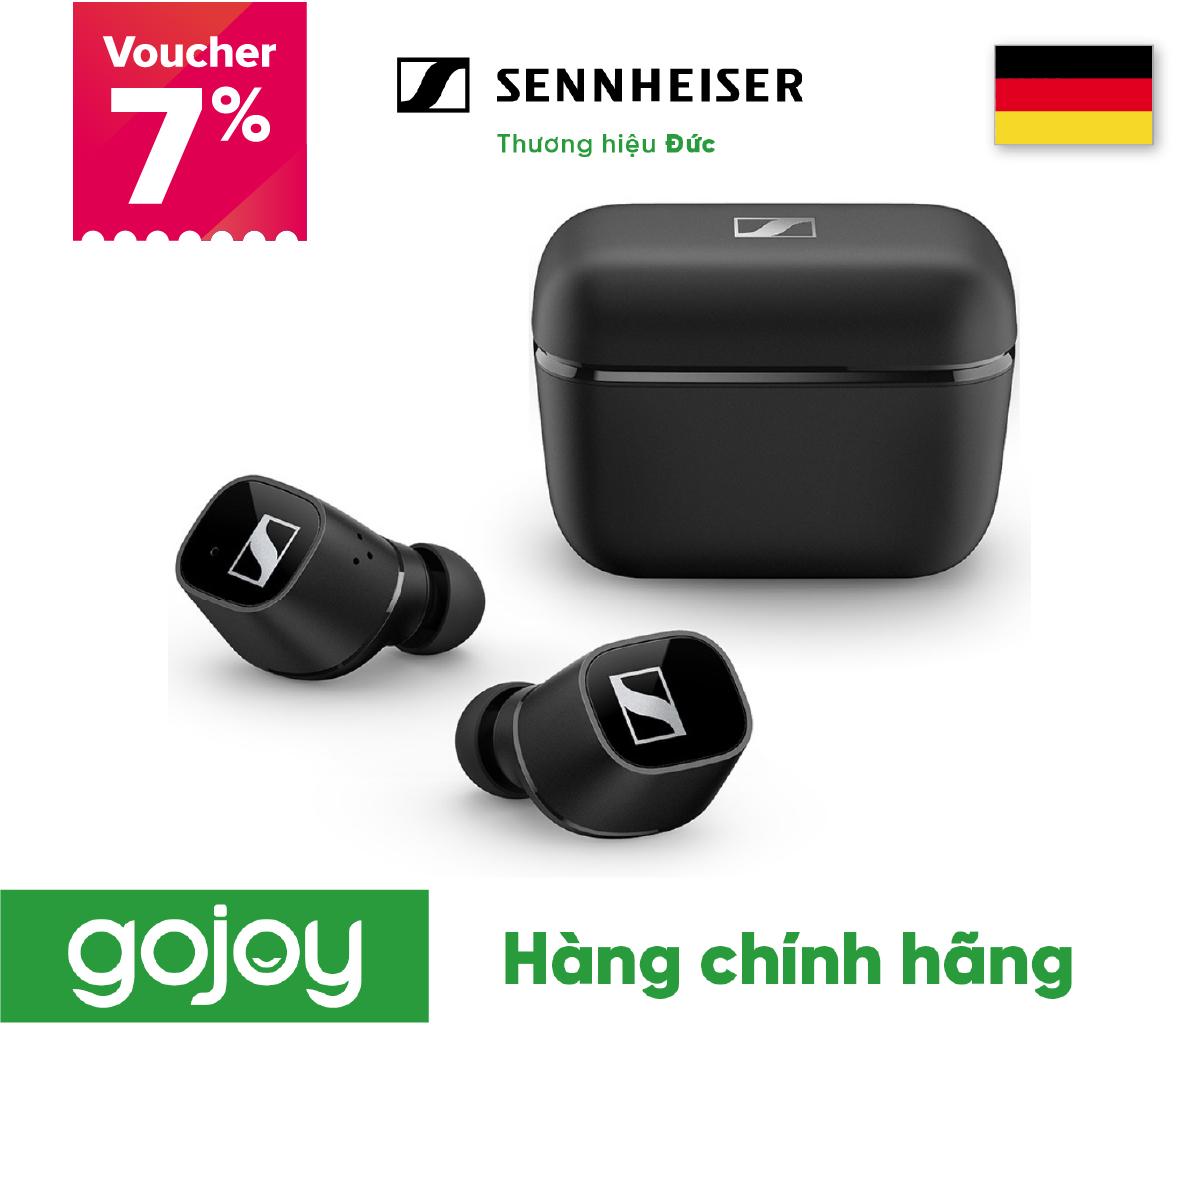 [VOUCHER 7% TỐI ĐA 500K]Tai nghe True Wireless SENNHEISER CX 400BT Smart Control Bluetooth 5.1 Pin 20h - Bảo hành 24 tháng chính hãng